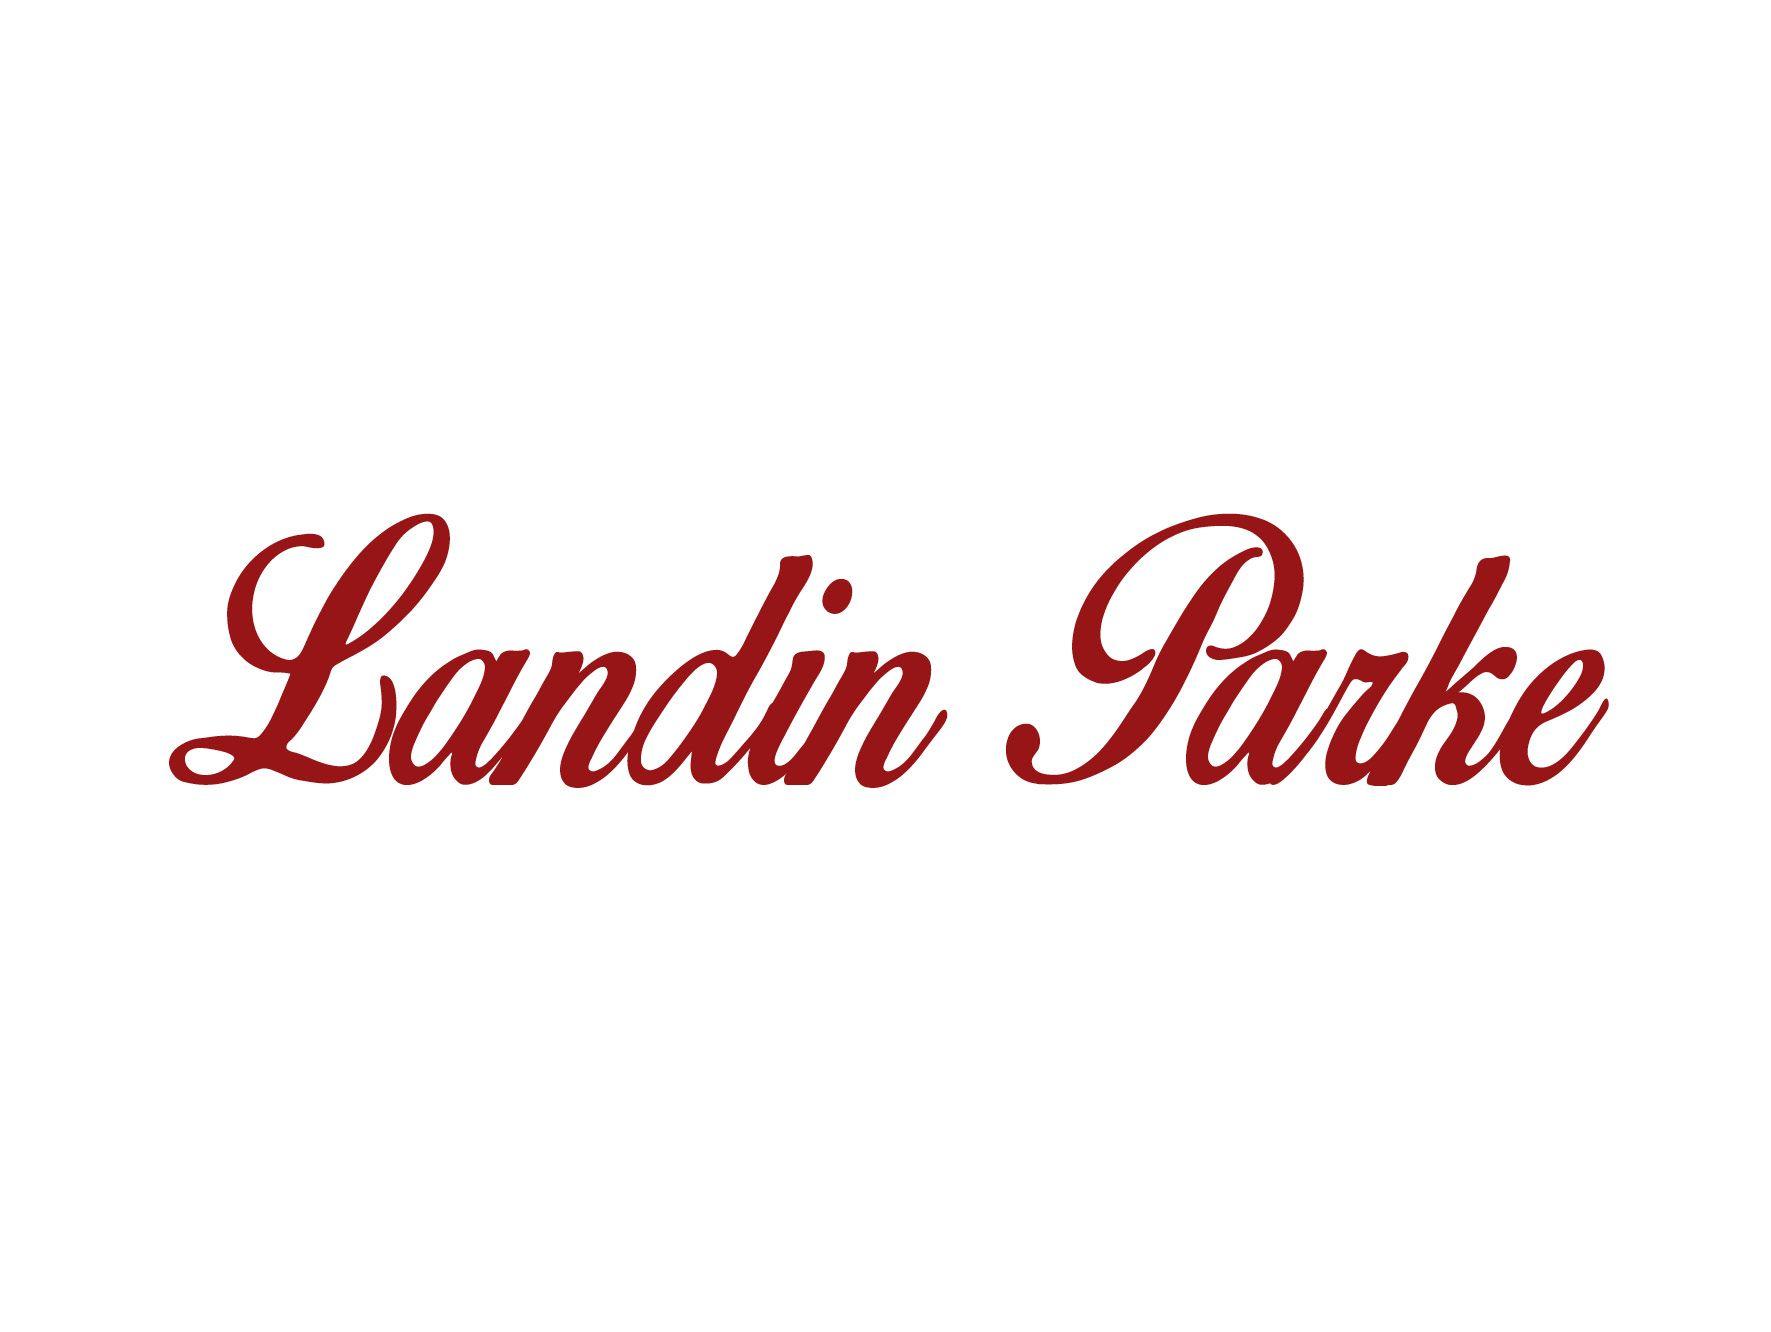 Landin Parke,46774